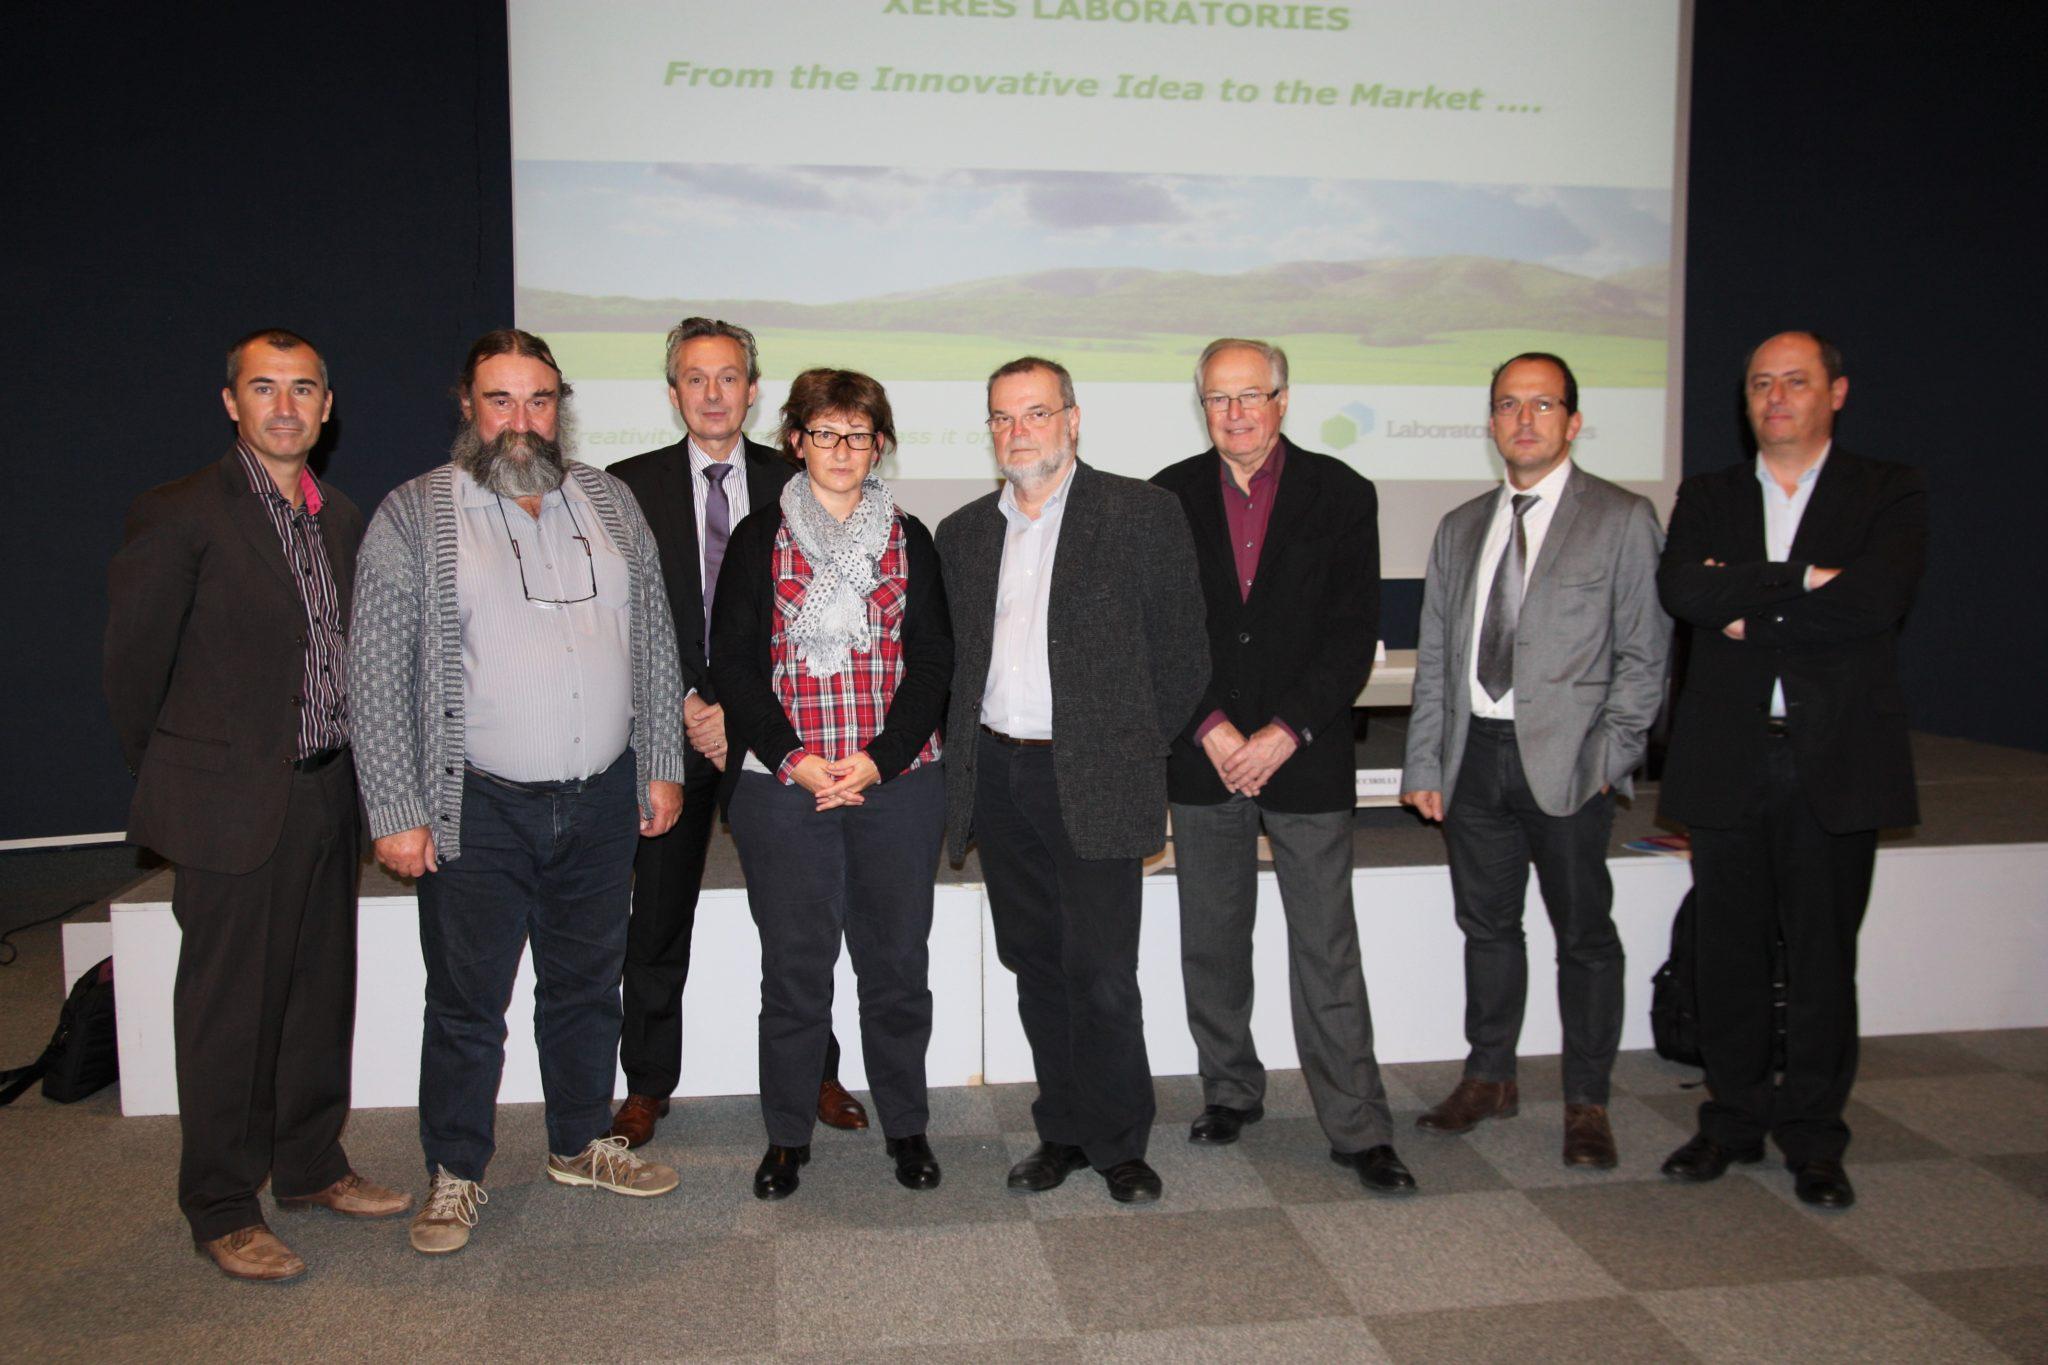 La chimie verte et durable : de l'innovation à l'industrie ?